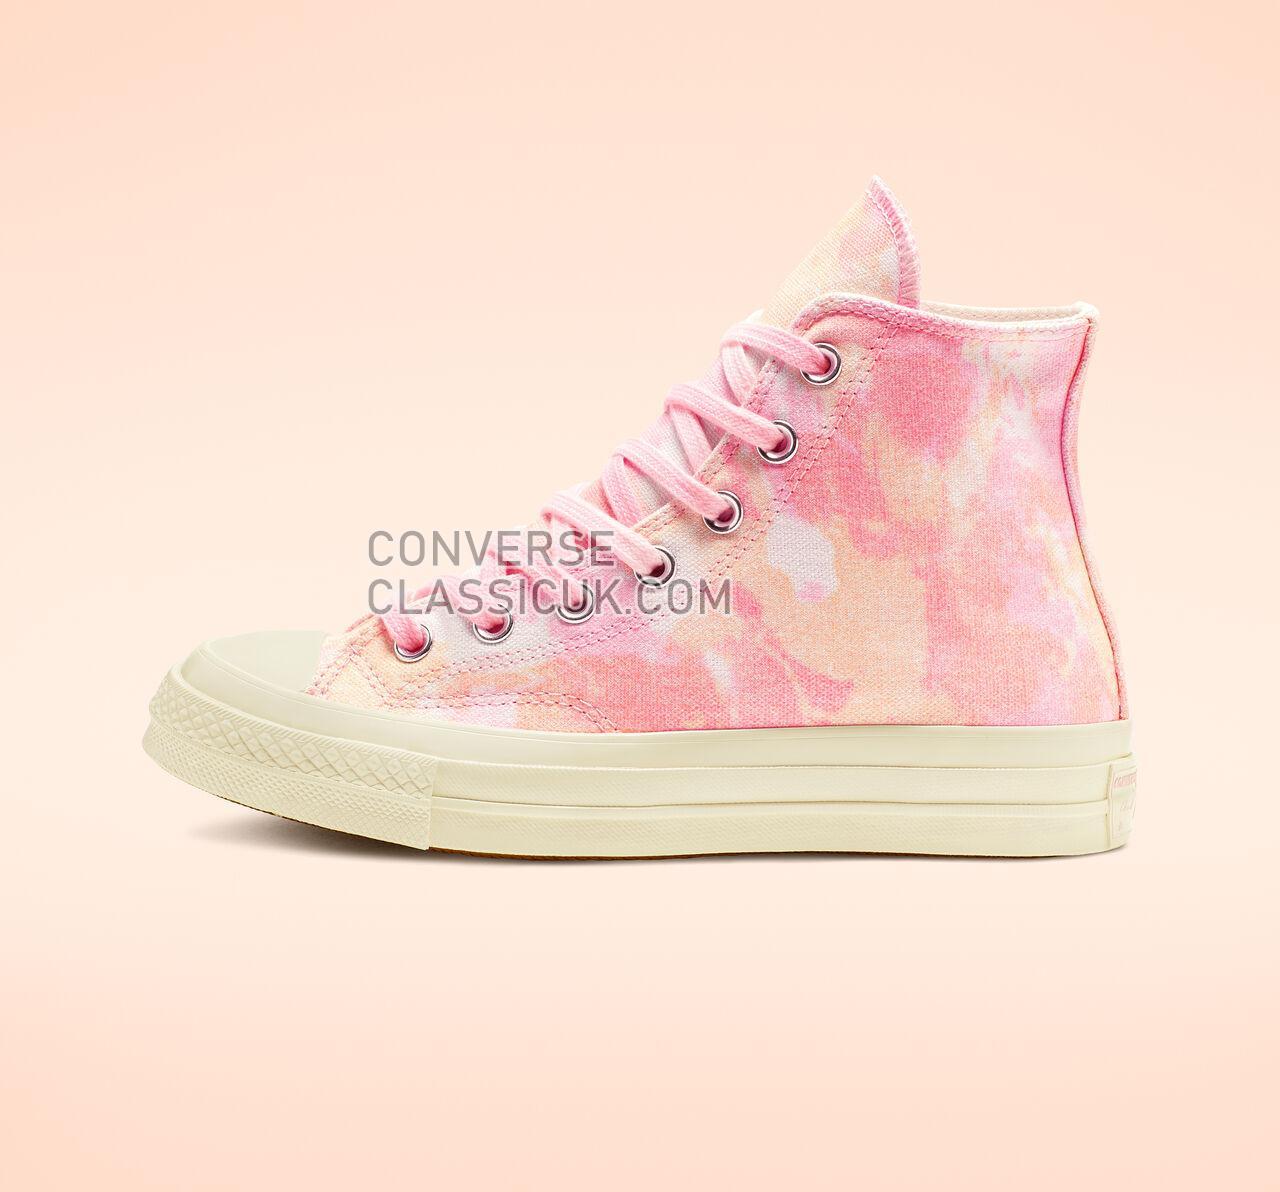 Converse Beach Dye Chuck 70 Womens 564125C 90S Pink/Melon Baller/Egret Shoes